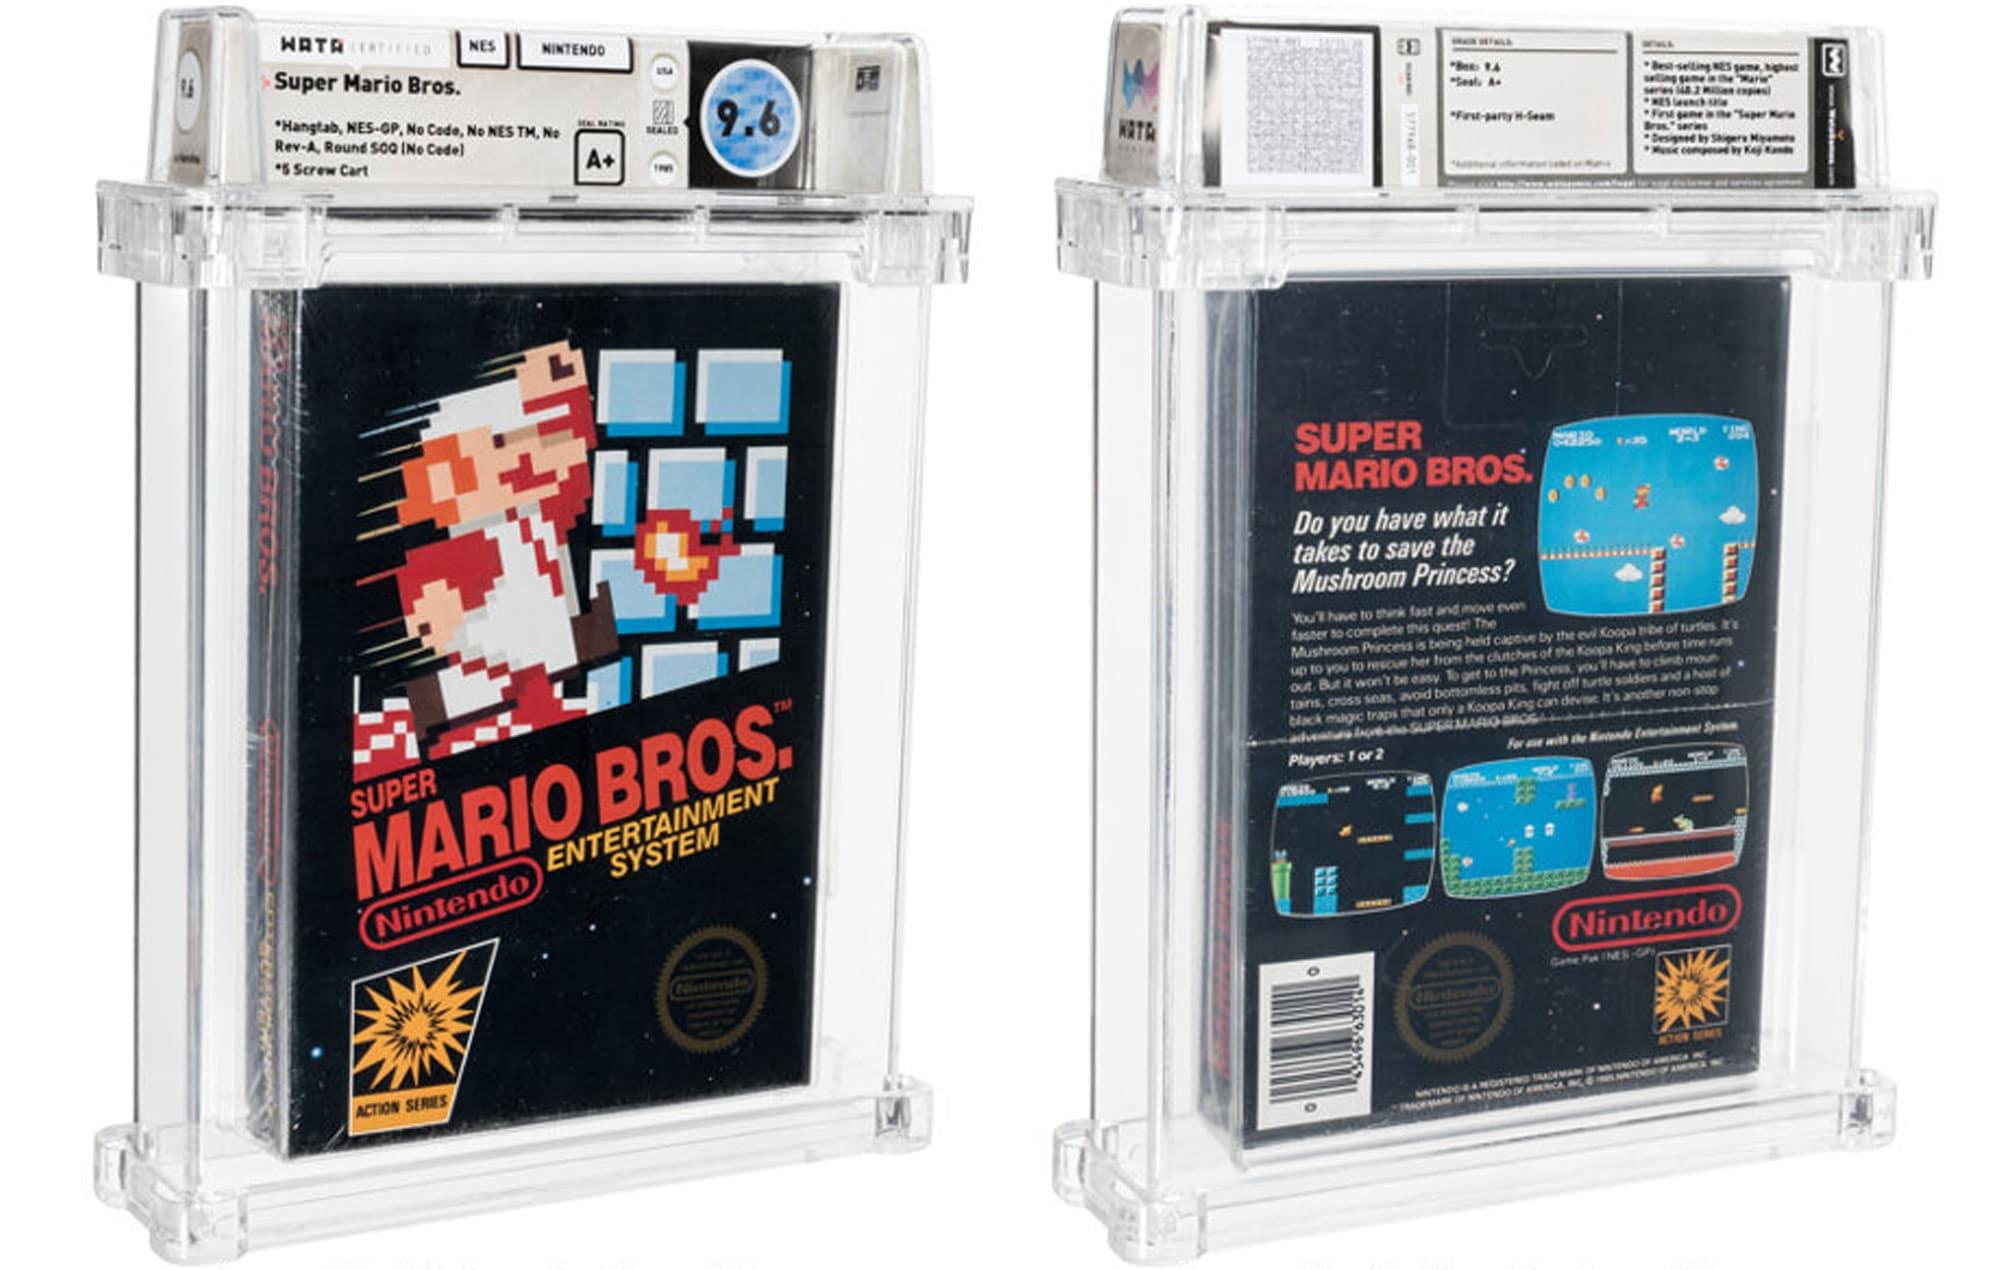 1986 Super Mario Bros. Game Cartridge